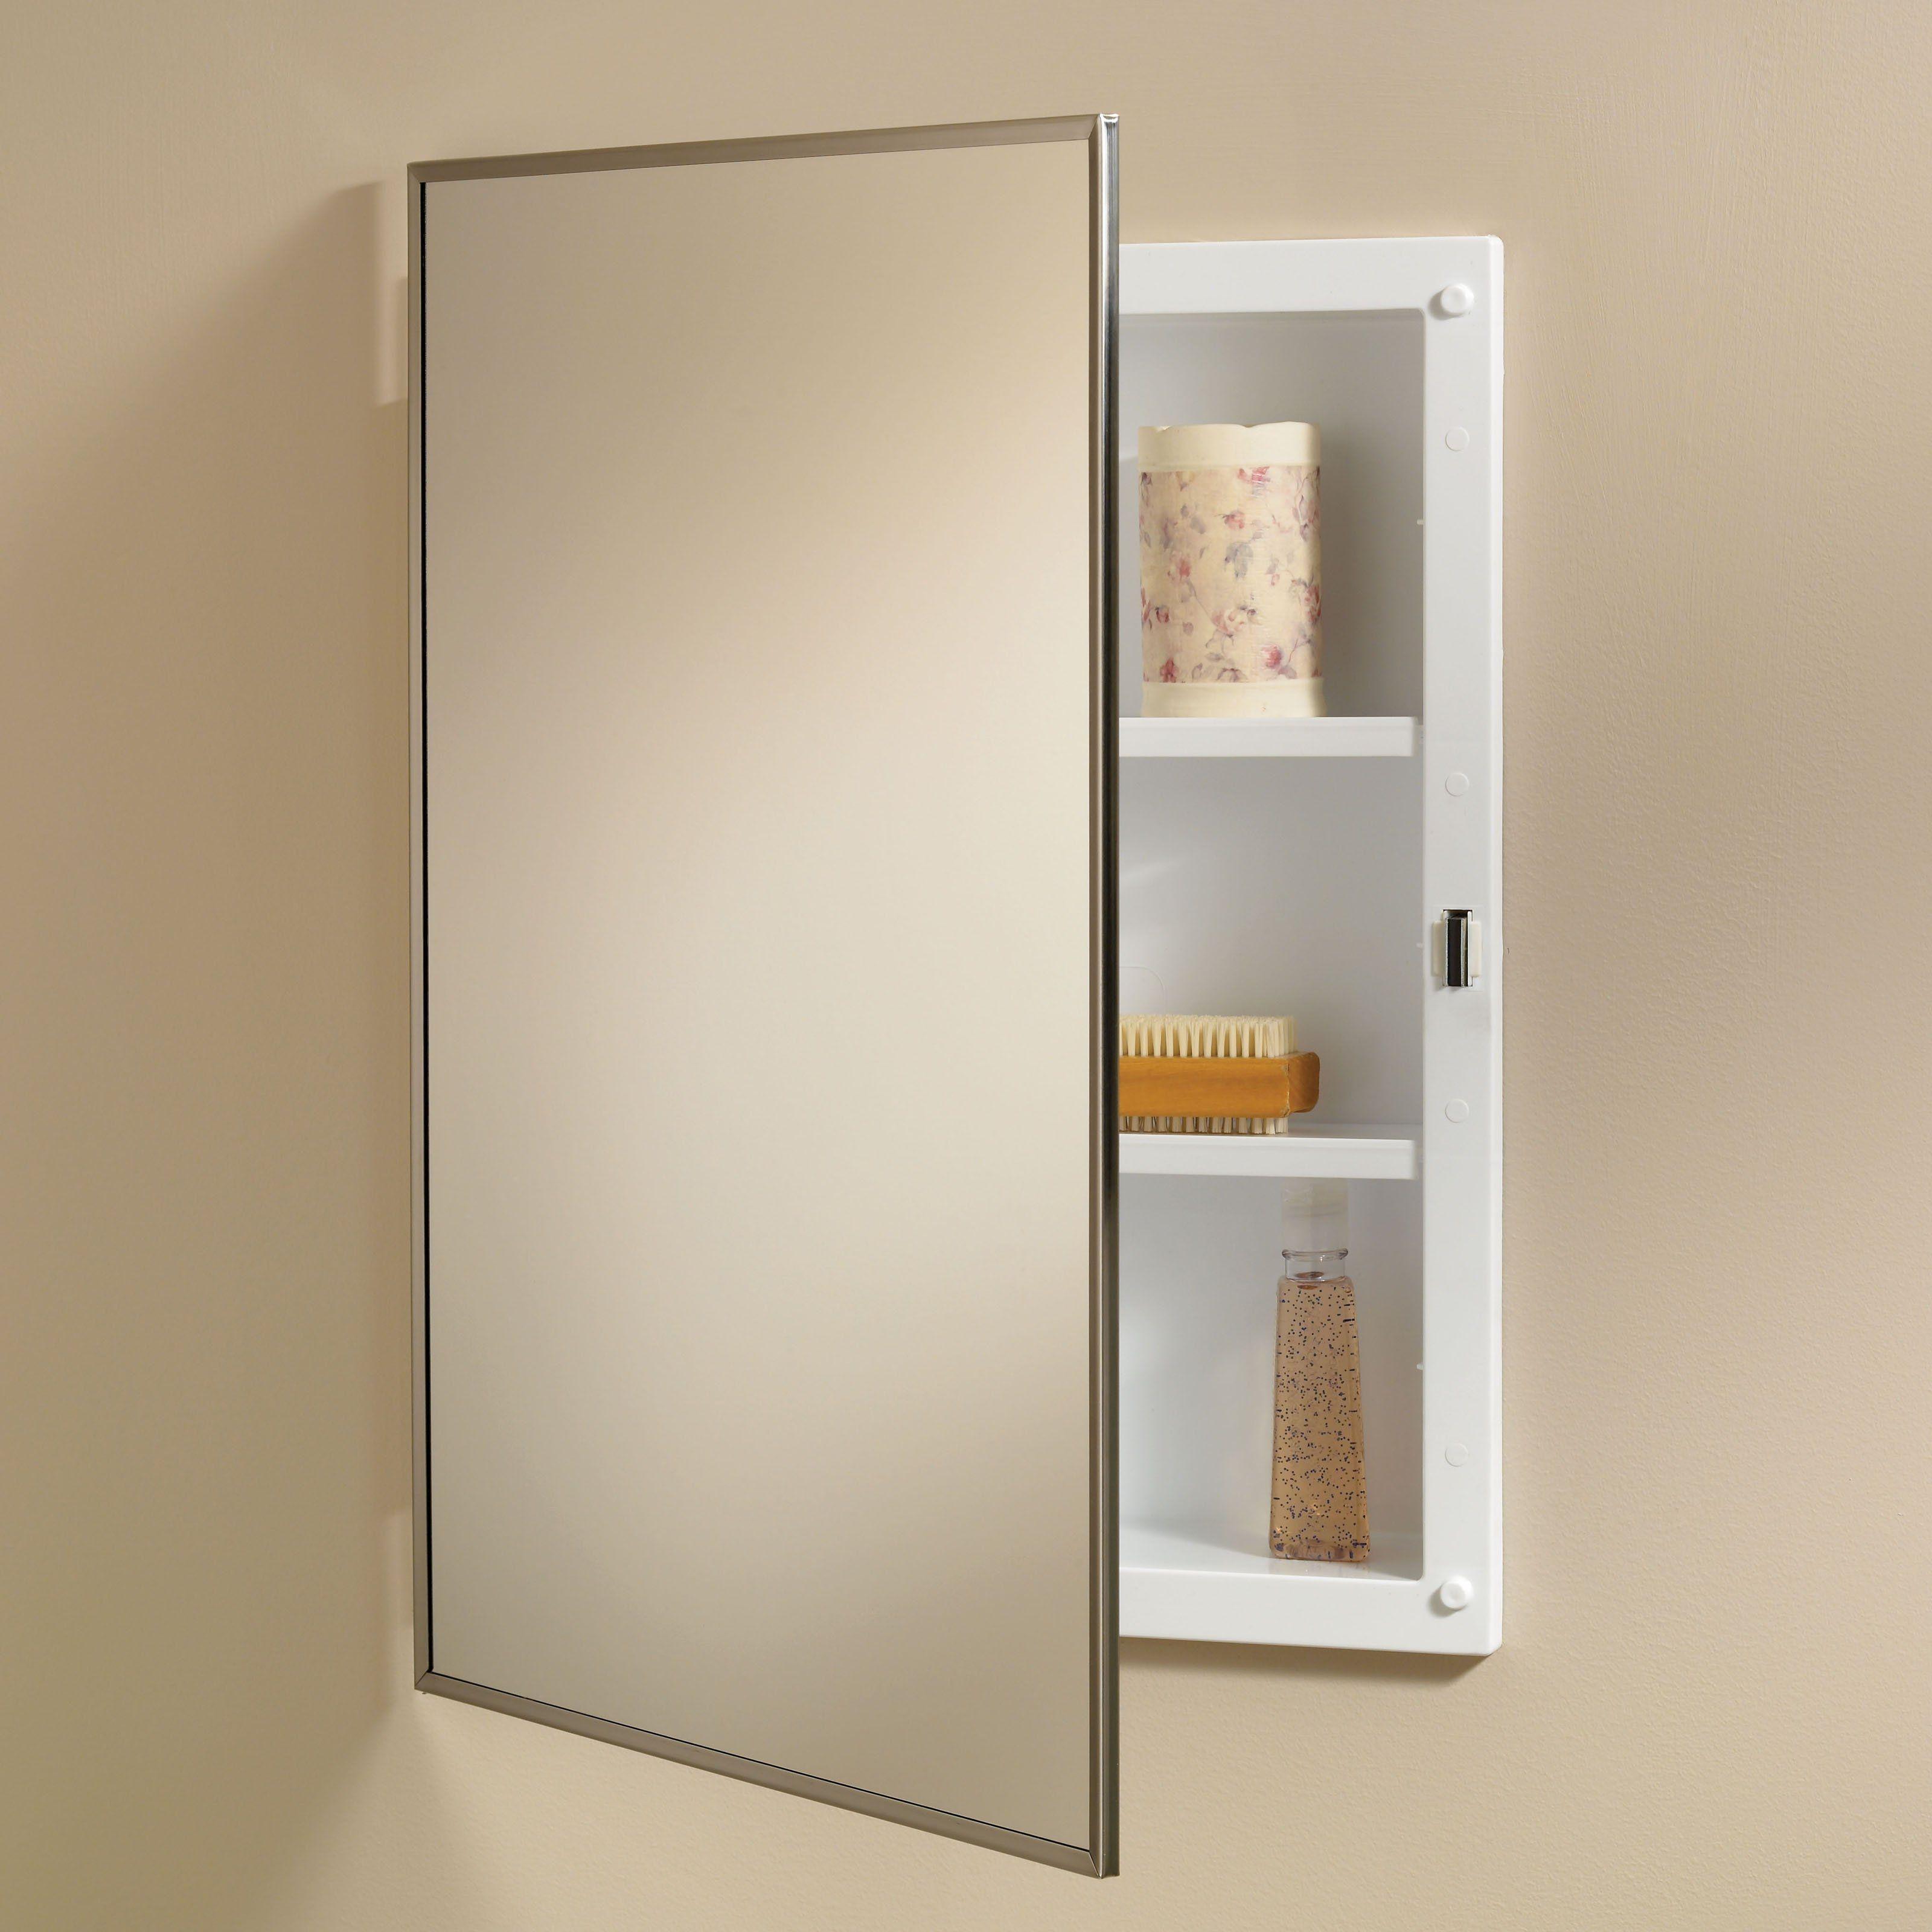 Bathroom Medicine Cabinets Mirrors Recessed   Bathroom Decor ...